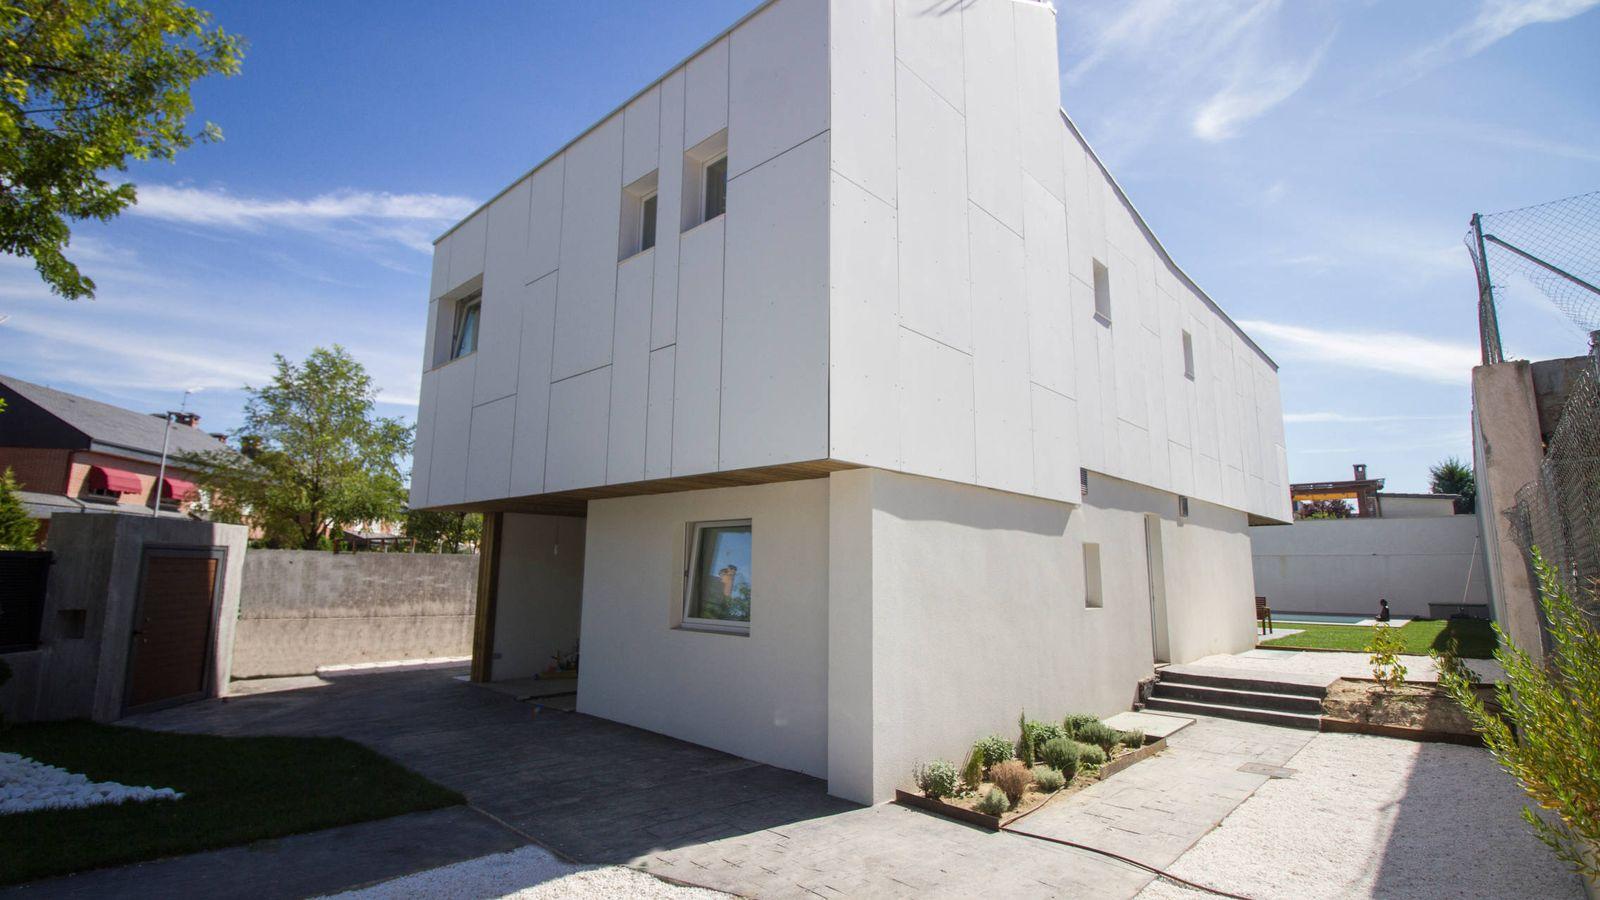 Energ as renovables auge de las casas pasivas en espa a - Casas sostenibles espana ...